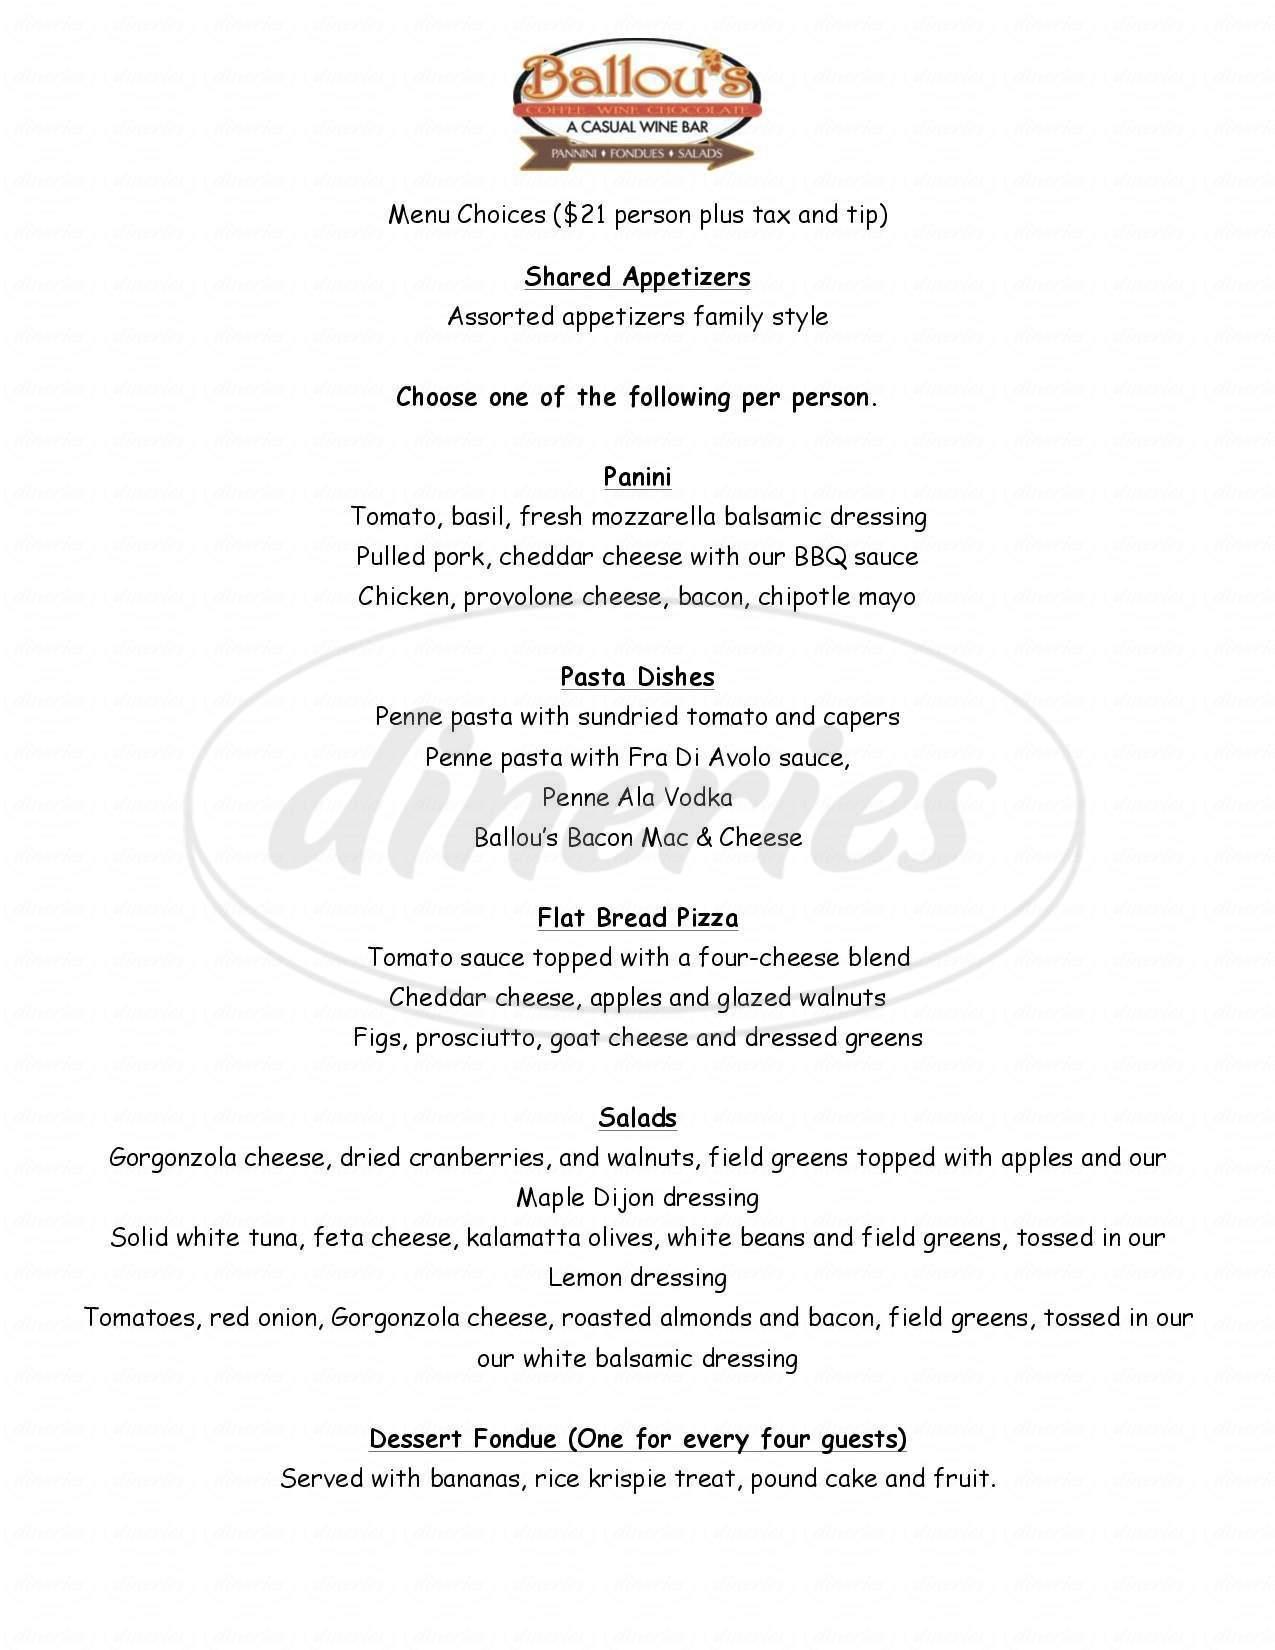 menu for Ballou's Wine Bar